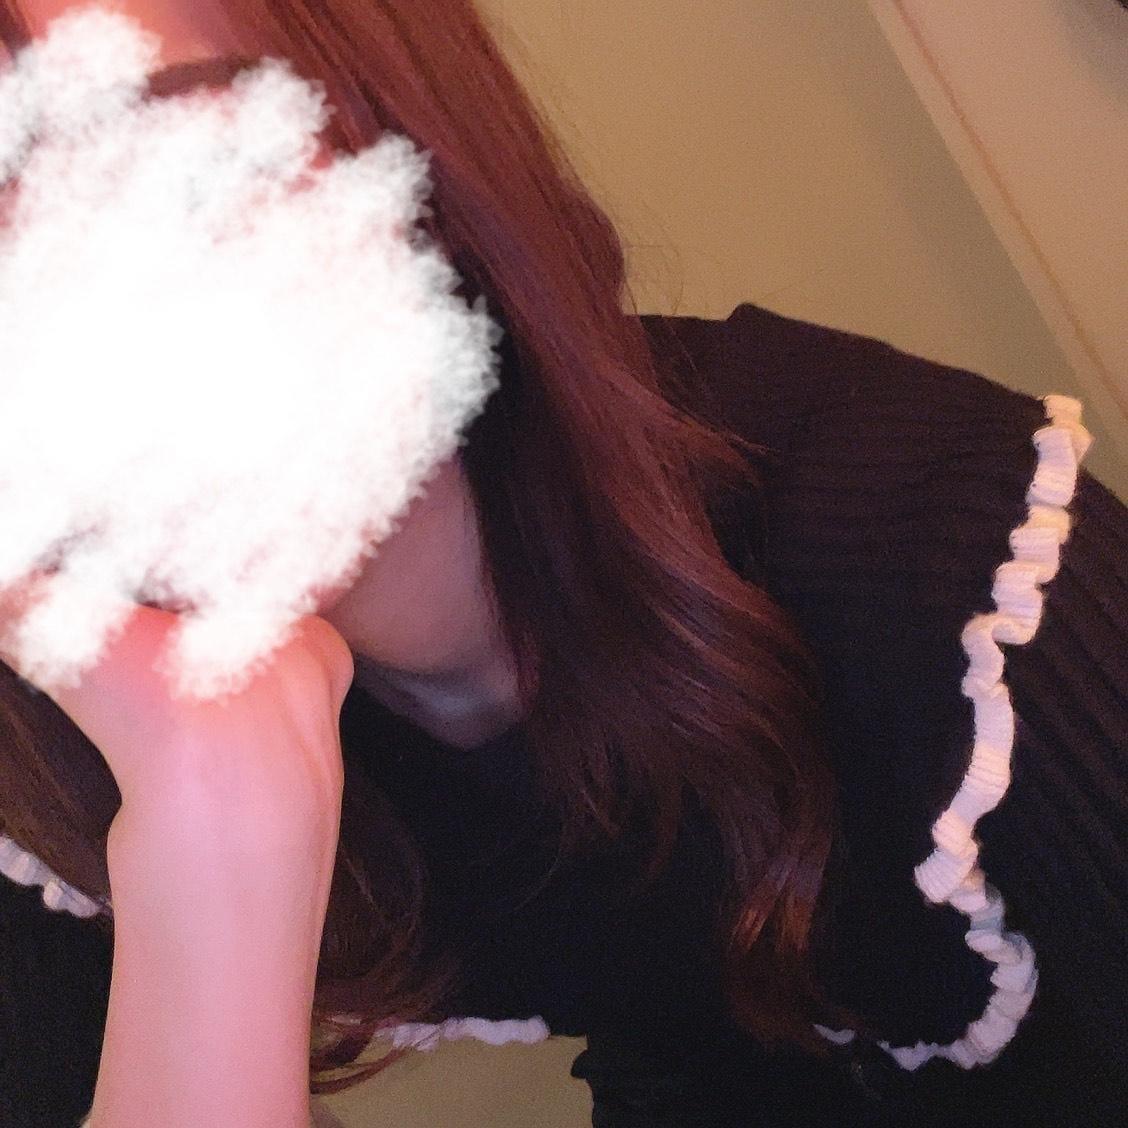 「お礼っ」04/08(04/08) 23:30 | 美南セラピストの写メ・風俗動画